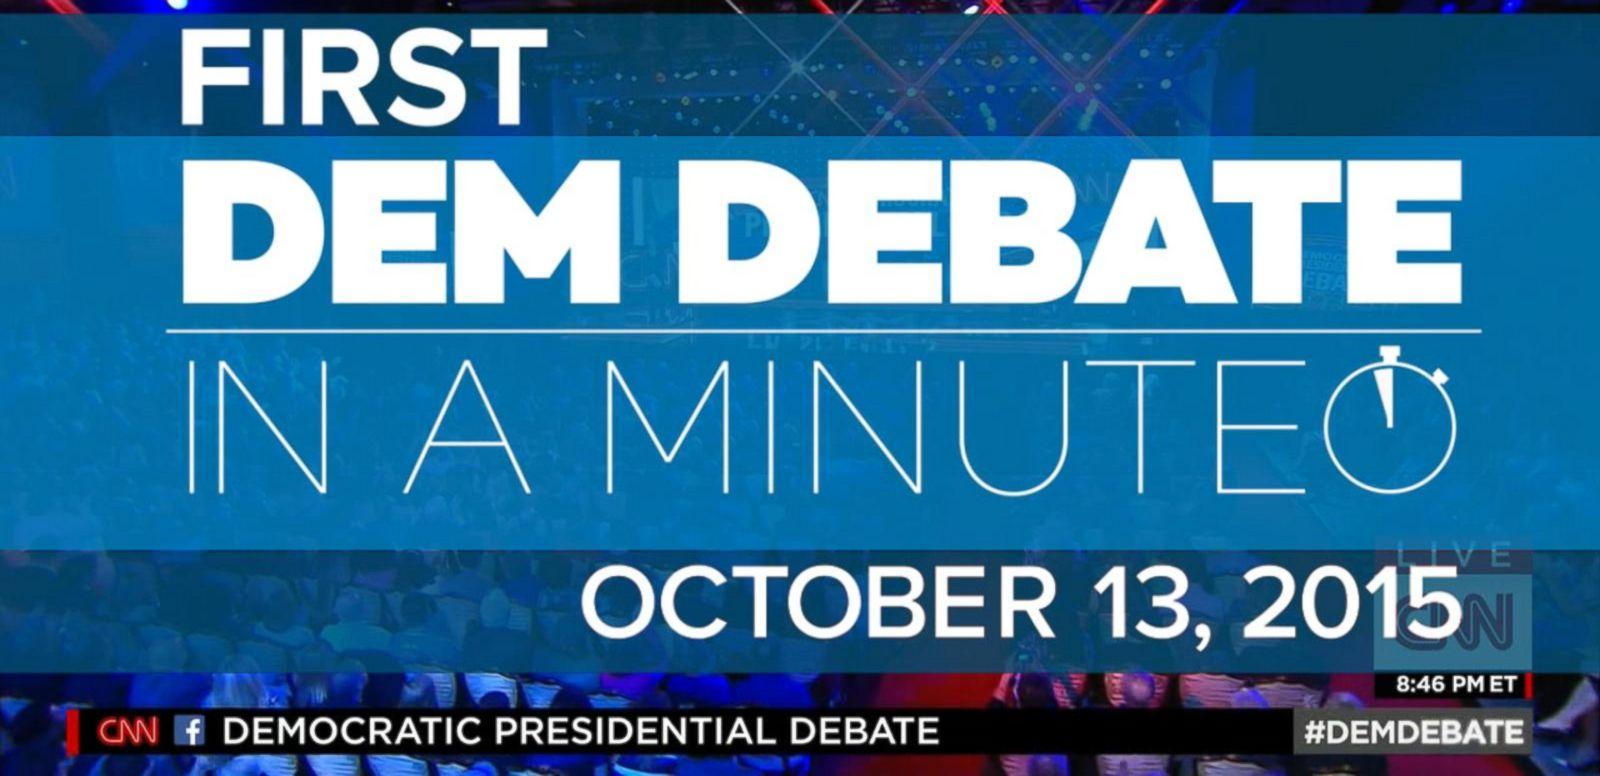 VIDEO: First Democratic Presidential Debate In A Minute